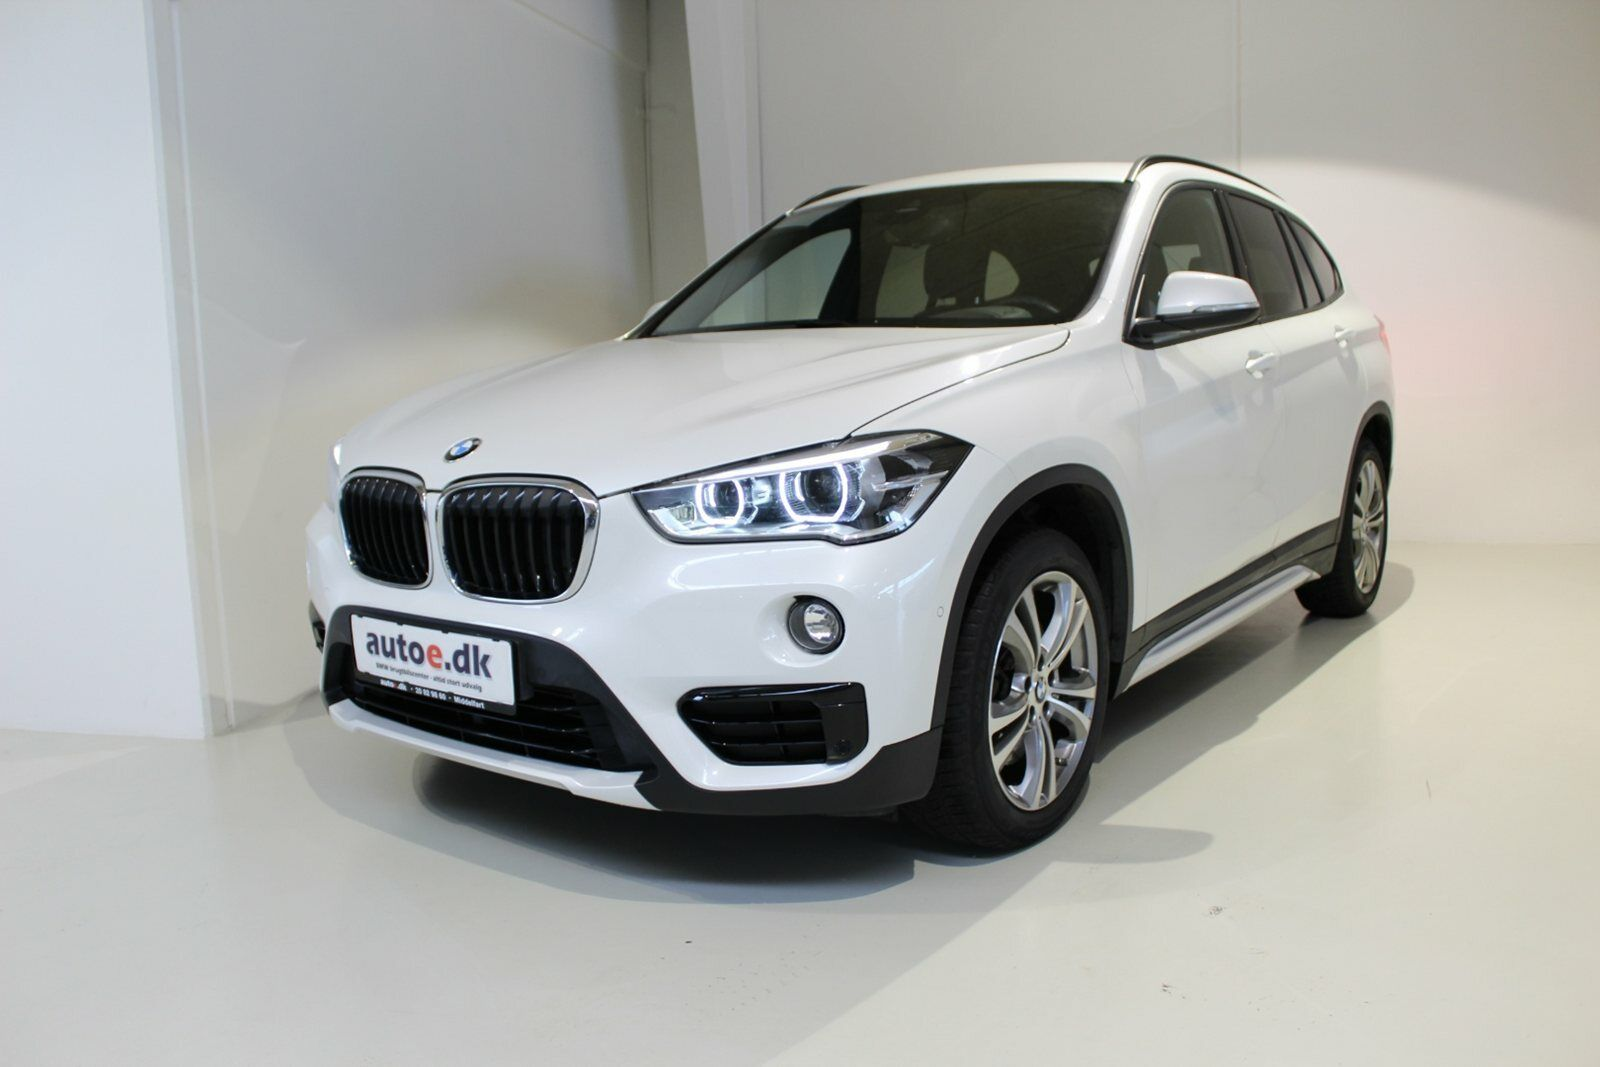 BMW X1 2,0 xDrive20d aut. 5d - 379.800 kr.